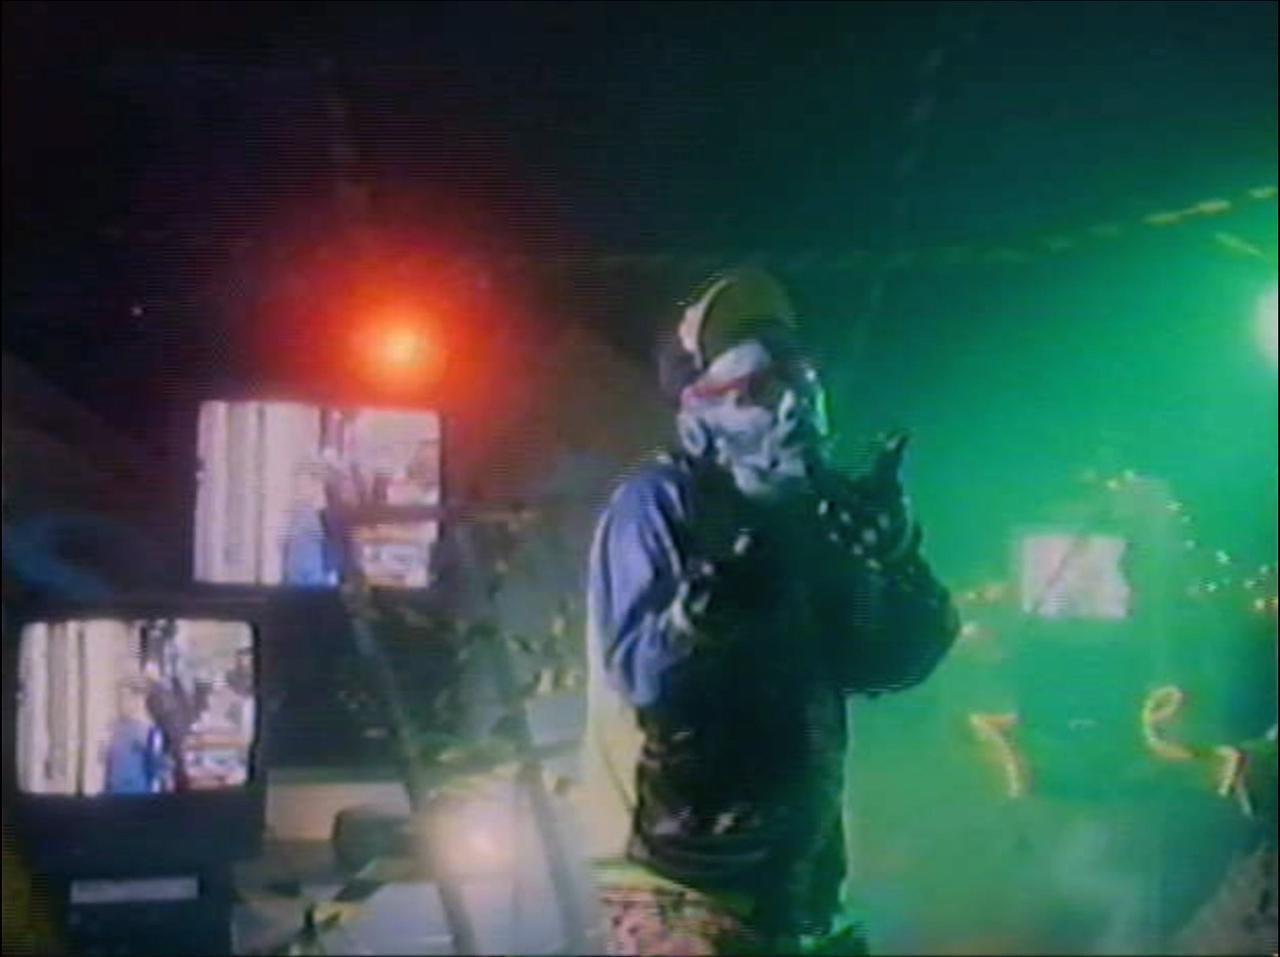 画像: 残虐宇宙人がラップ&ブレイクダンス!? ネタ元のアーティストからなんとコメントも---カナダ発の SF ゴアスプラッターヒーローアドベンチャー『サイコ・ゴアマン』日本オリジナル版MV公開!